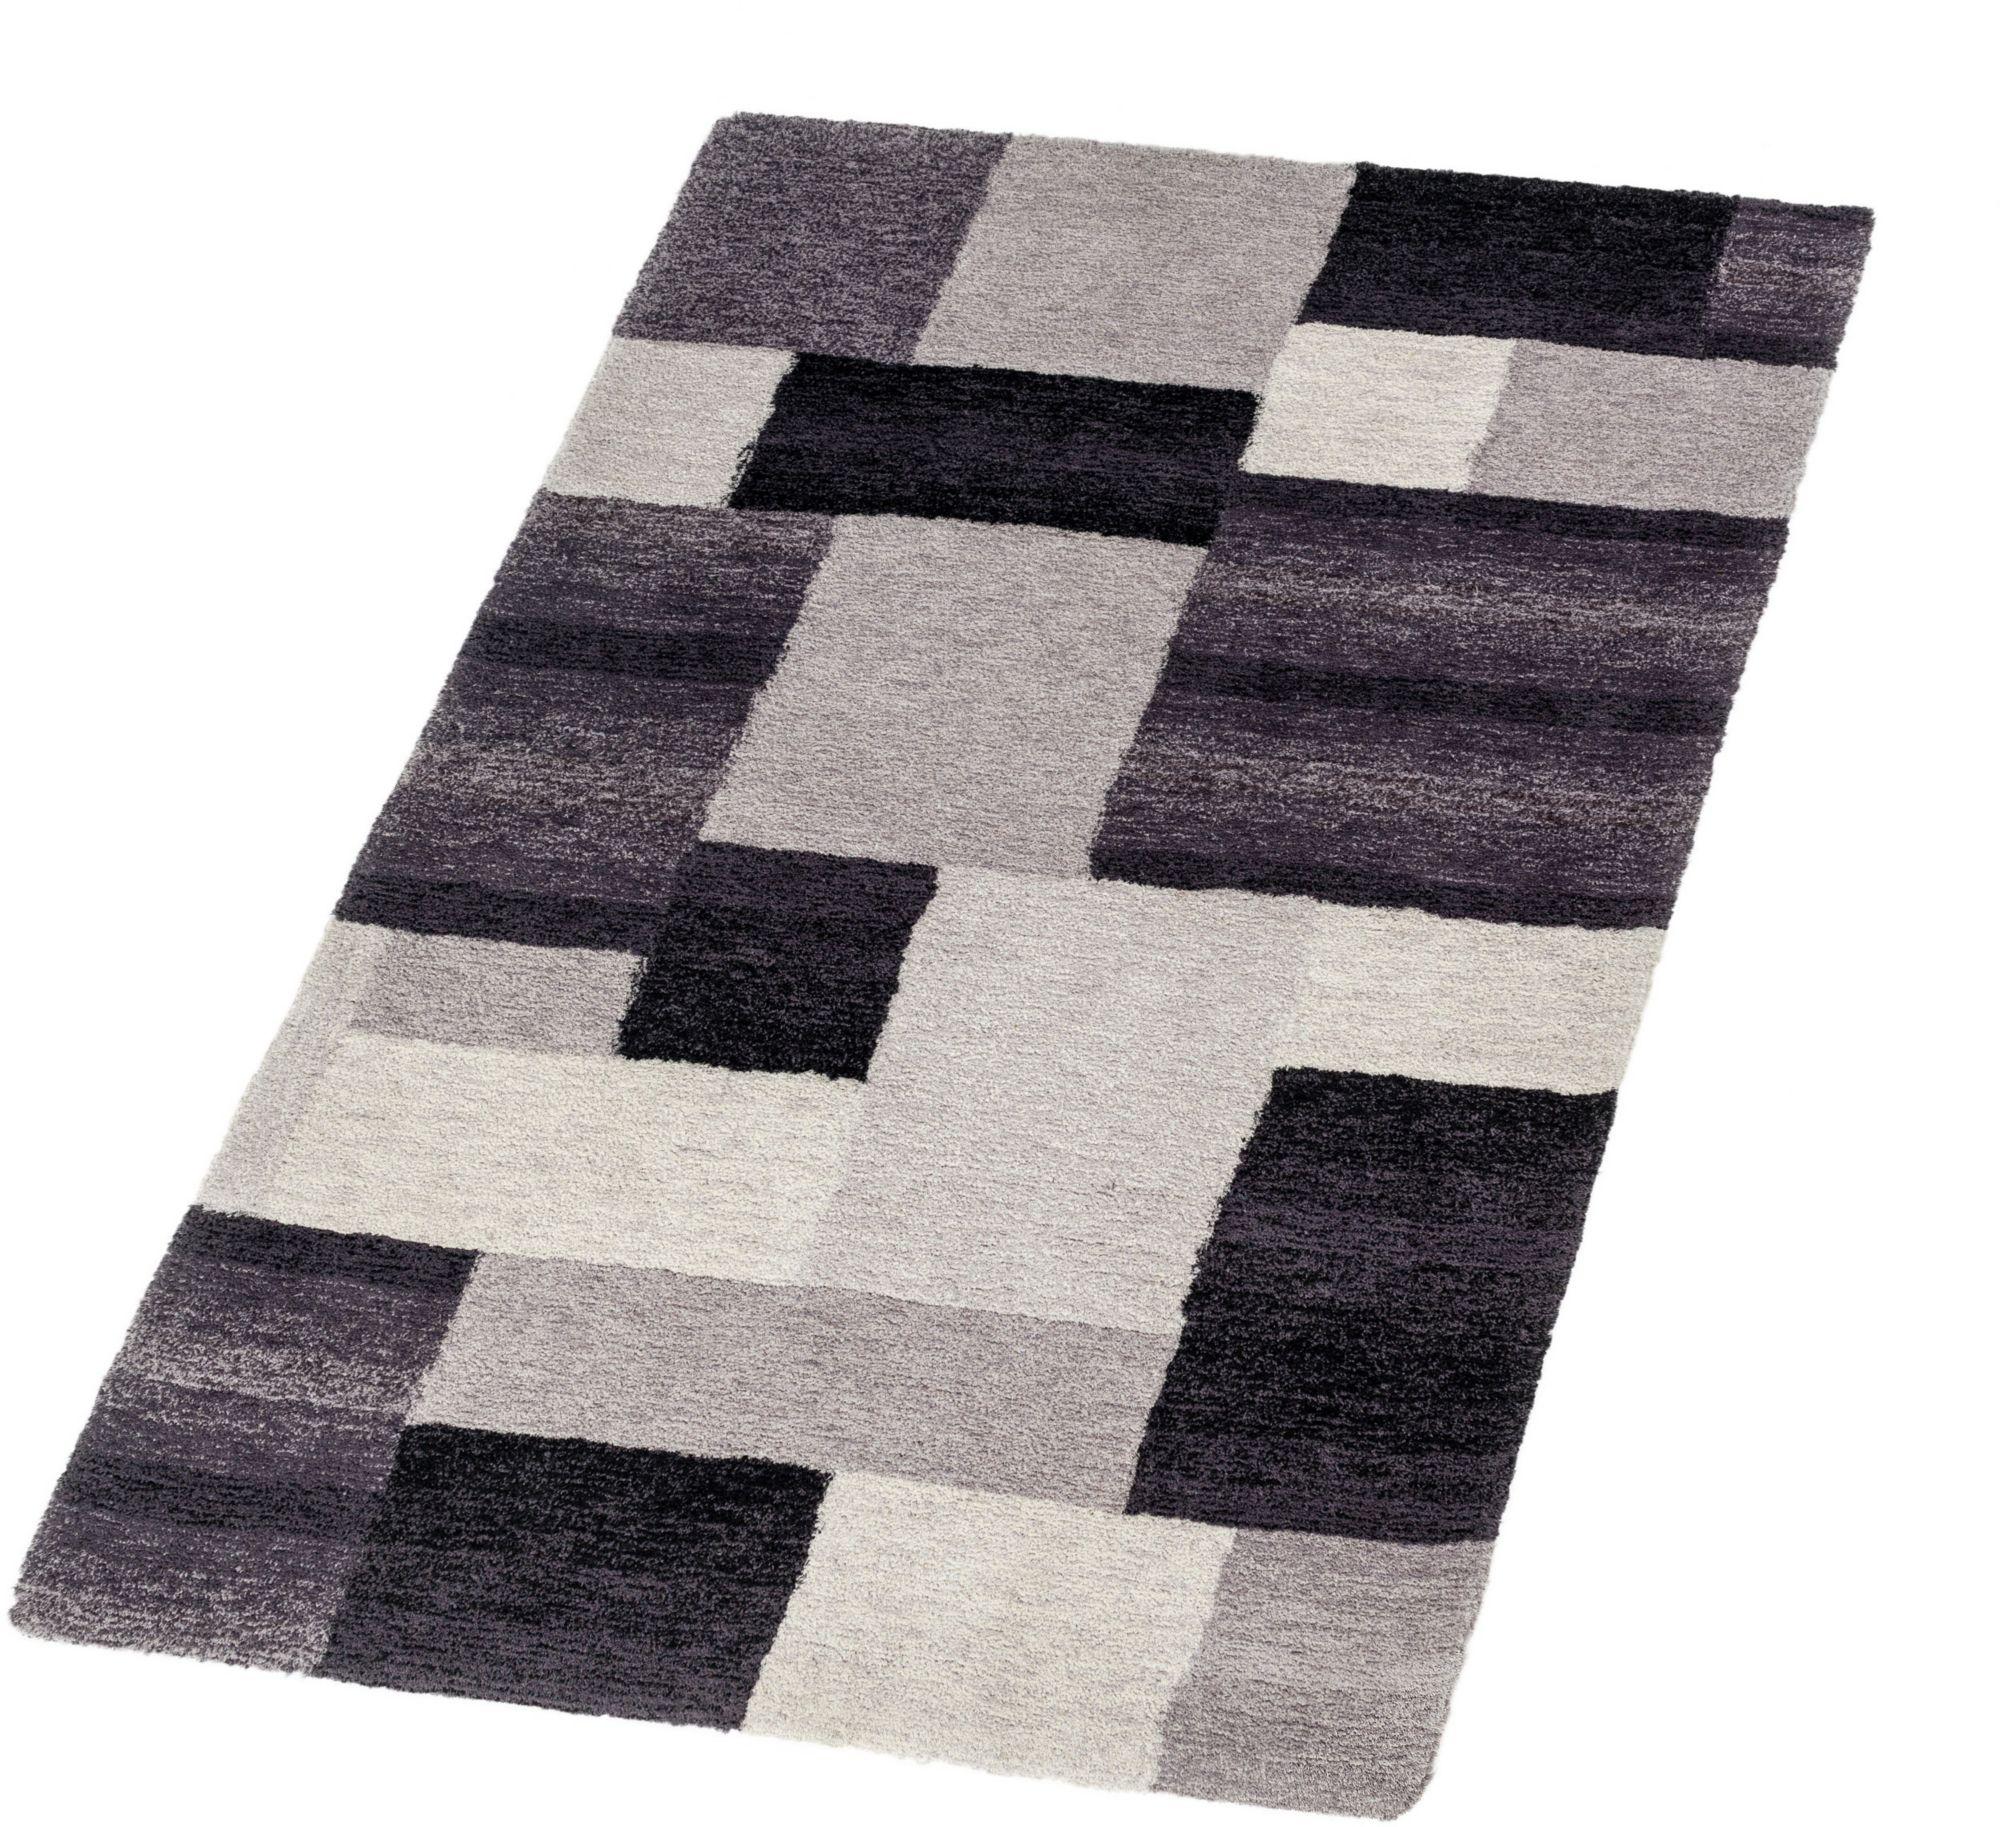 ASTRA Hochflor-Teppich, Astra, »Livorno Karo«, Höhe 25 mm, getuftet